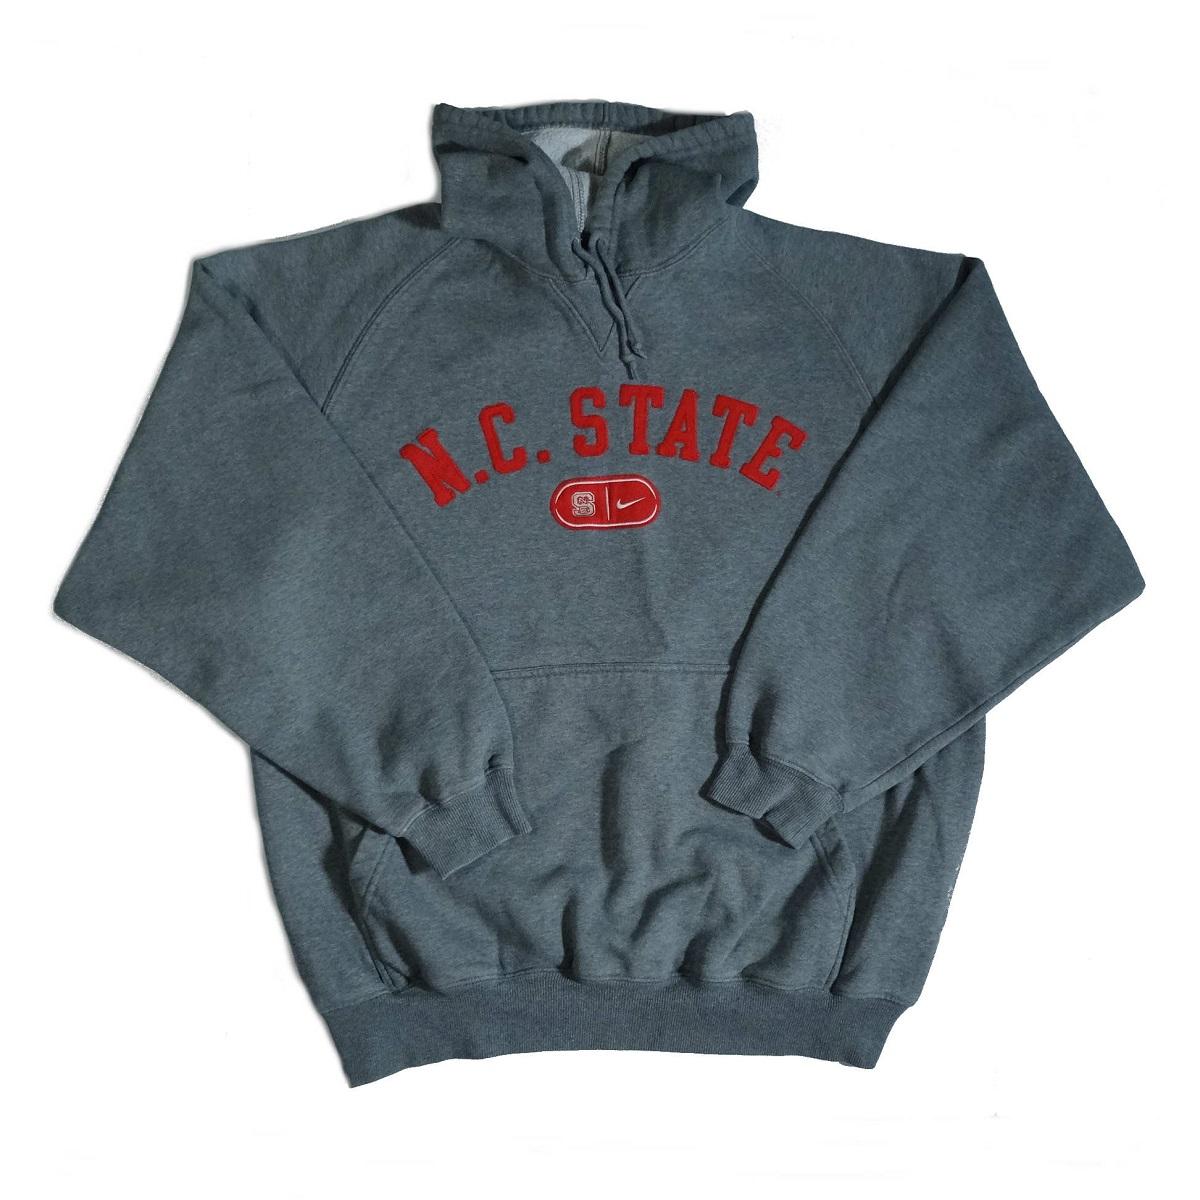 vintage nike north carolina state wolfpack hoodie front